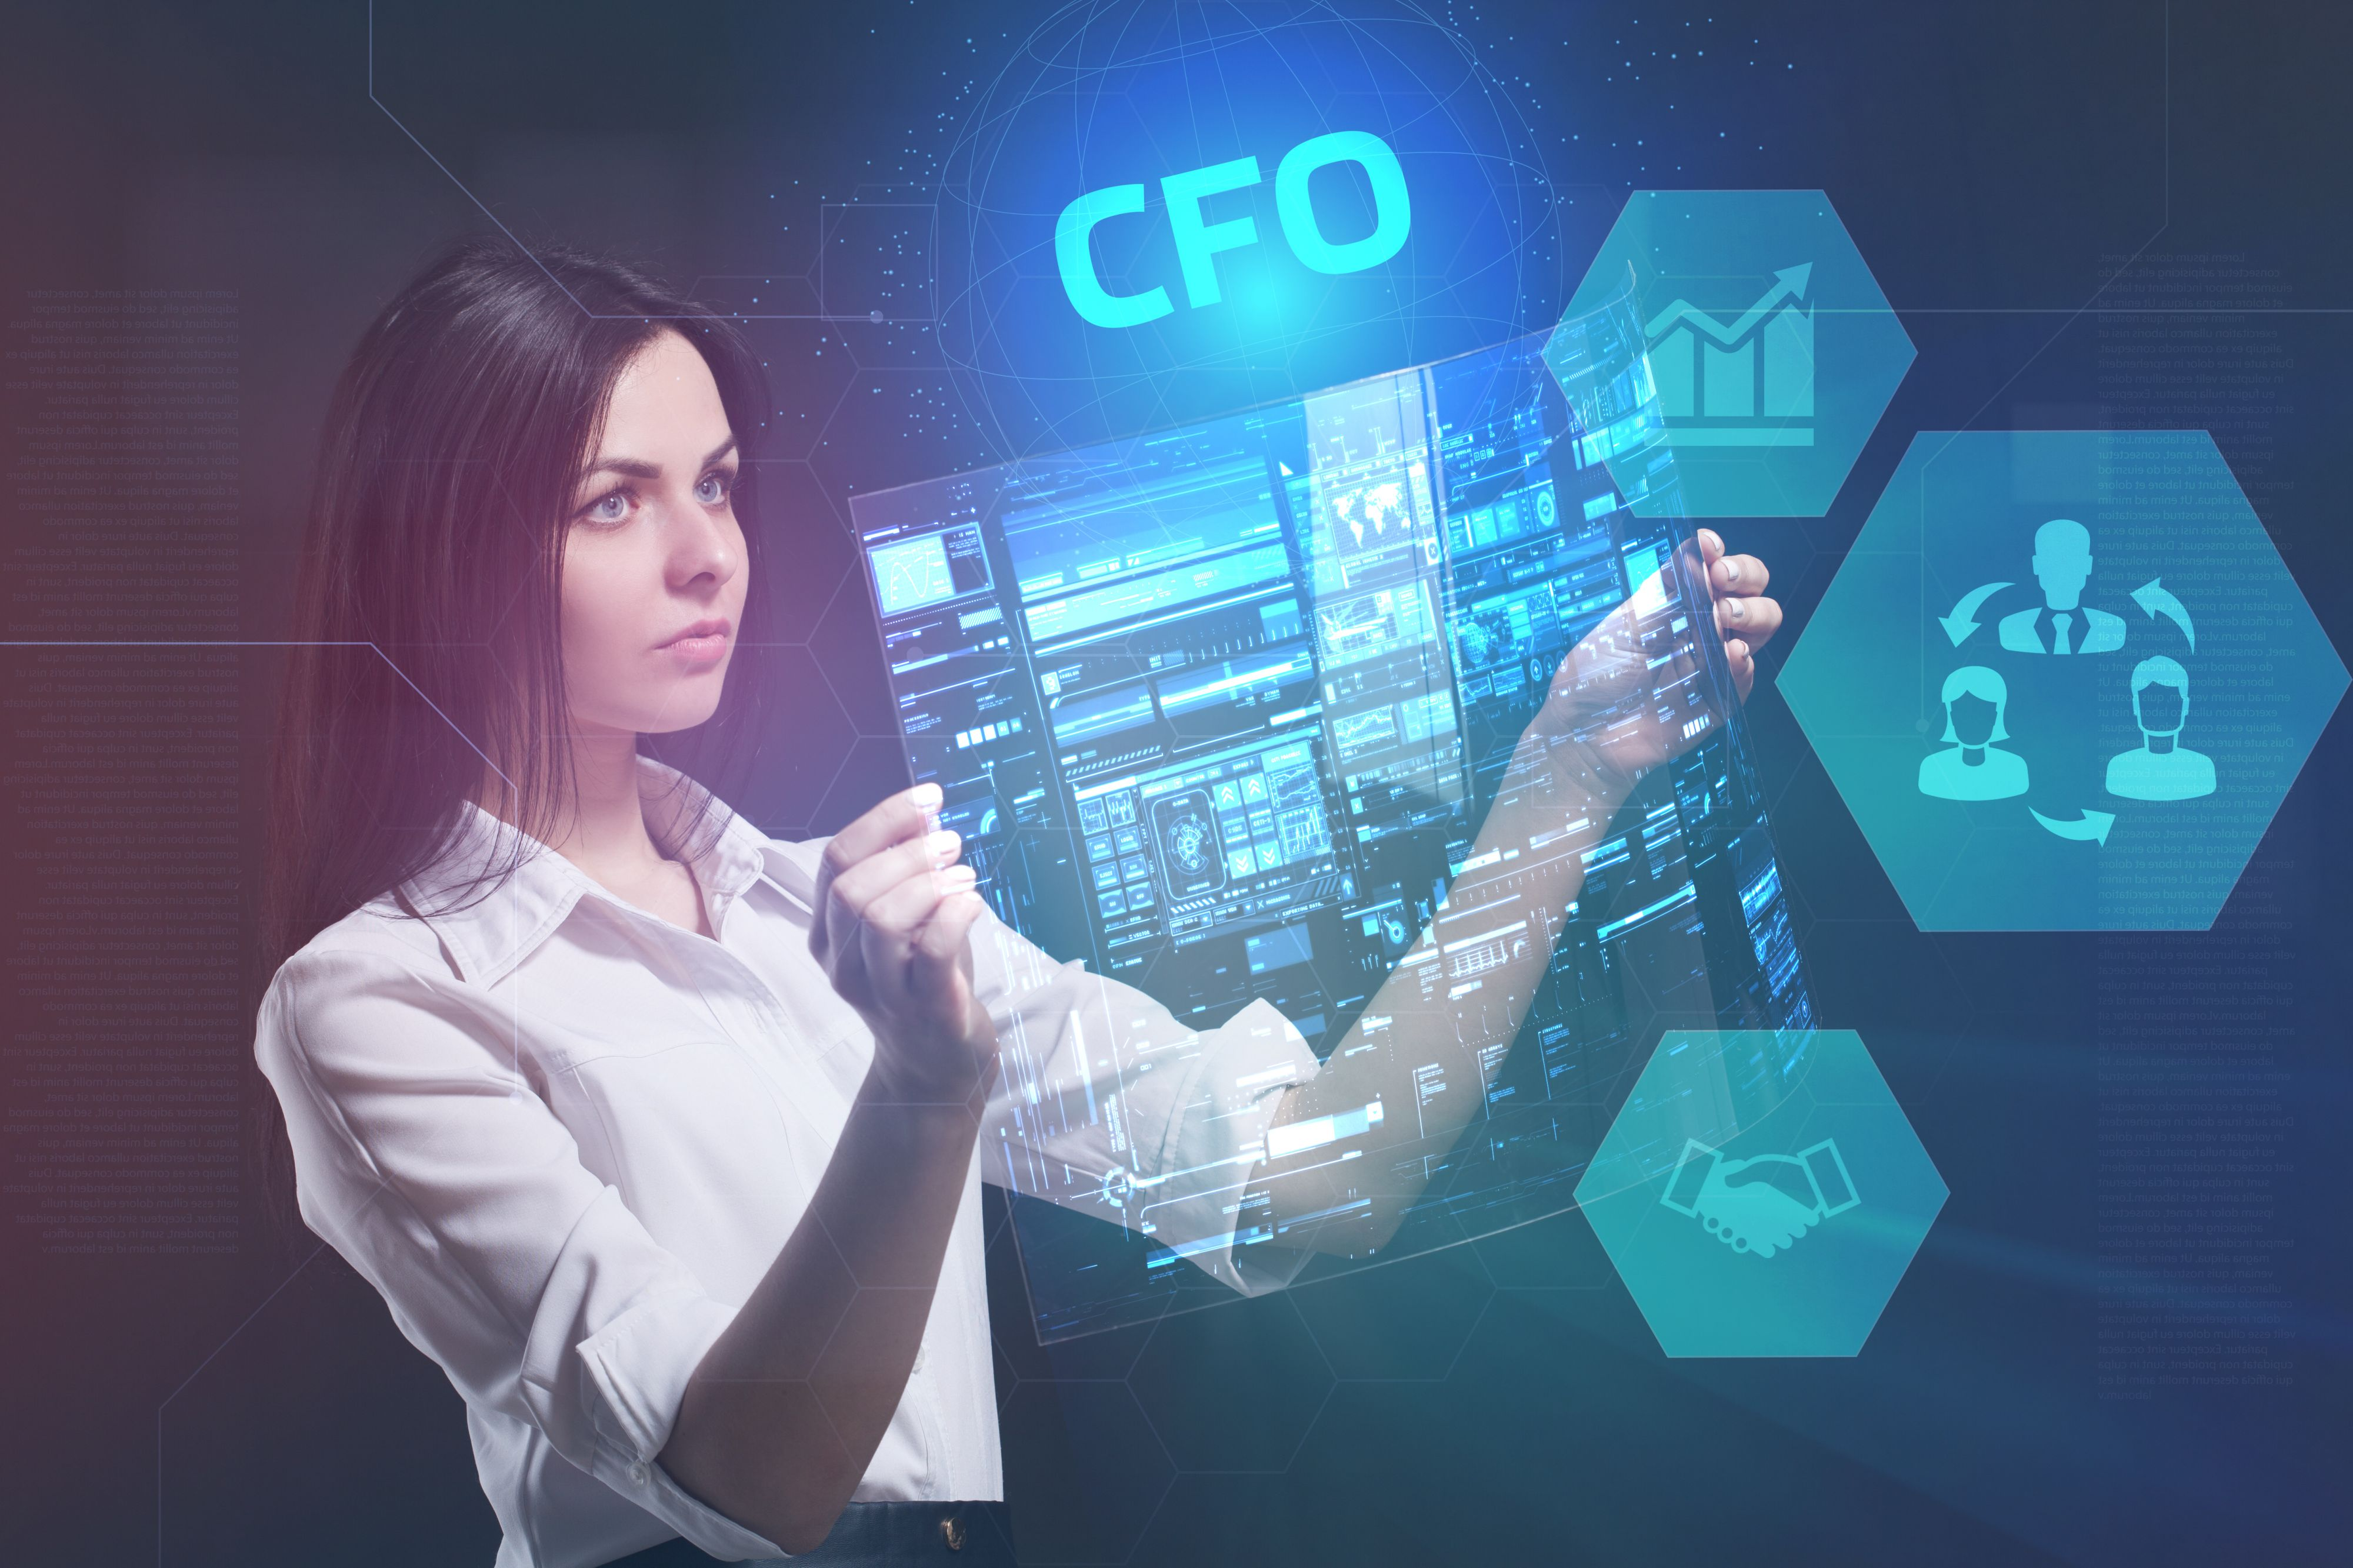 W wielu branżach pensje CFO wzrosły lub utrzymały się na równym poziomie (Fot. Shutterstock)